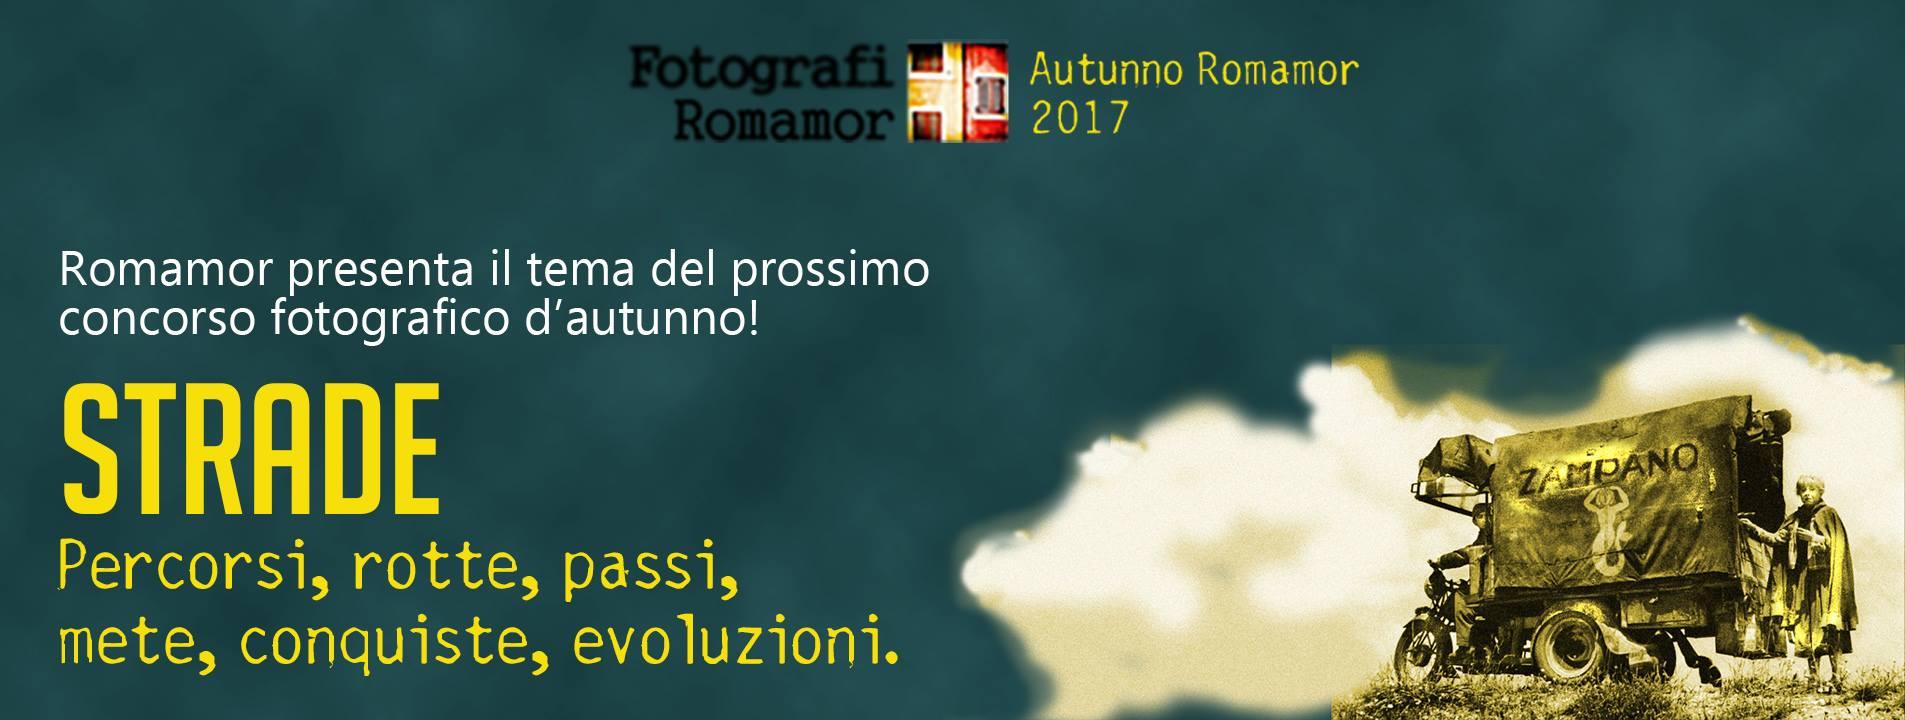 Autunno Romamor 2017: Strade